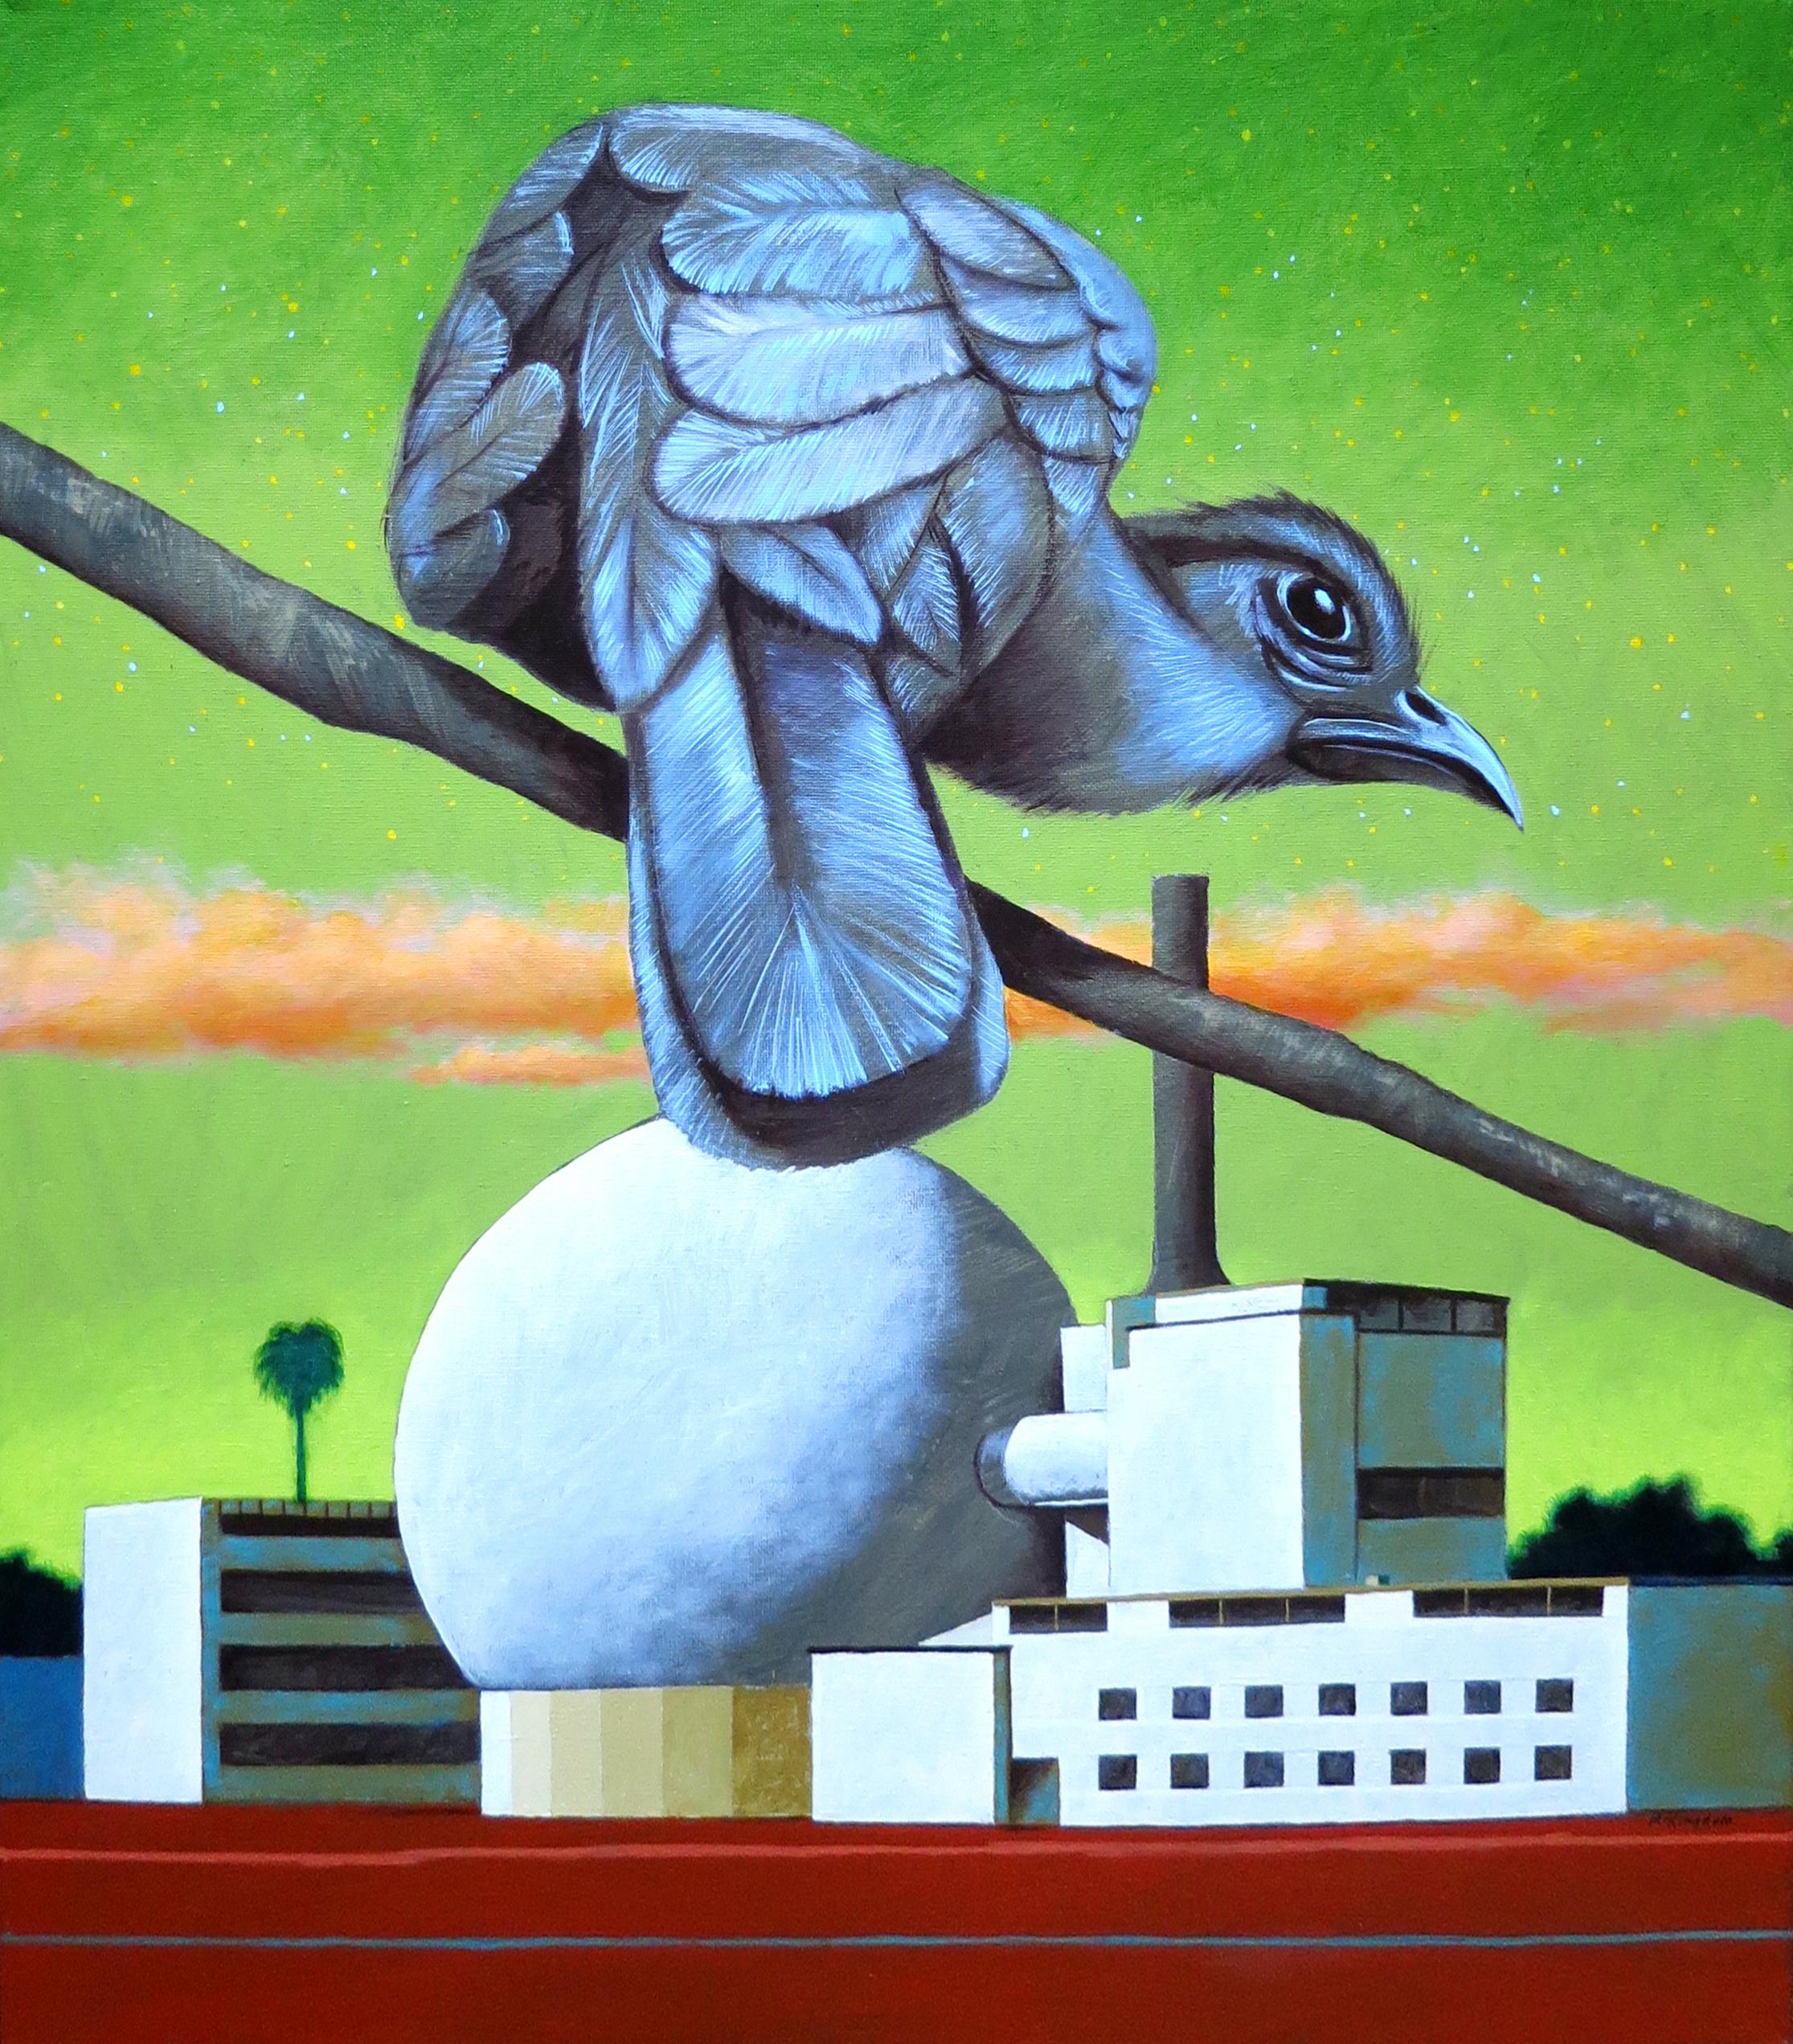 'A Nuclear Bird'